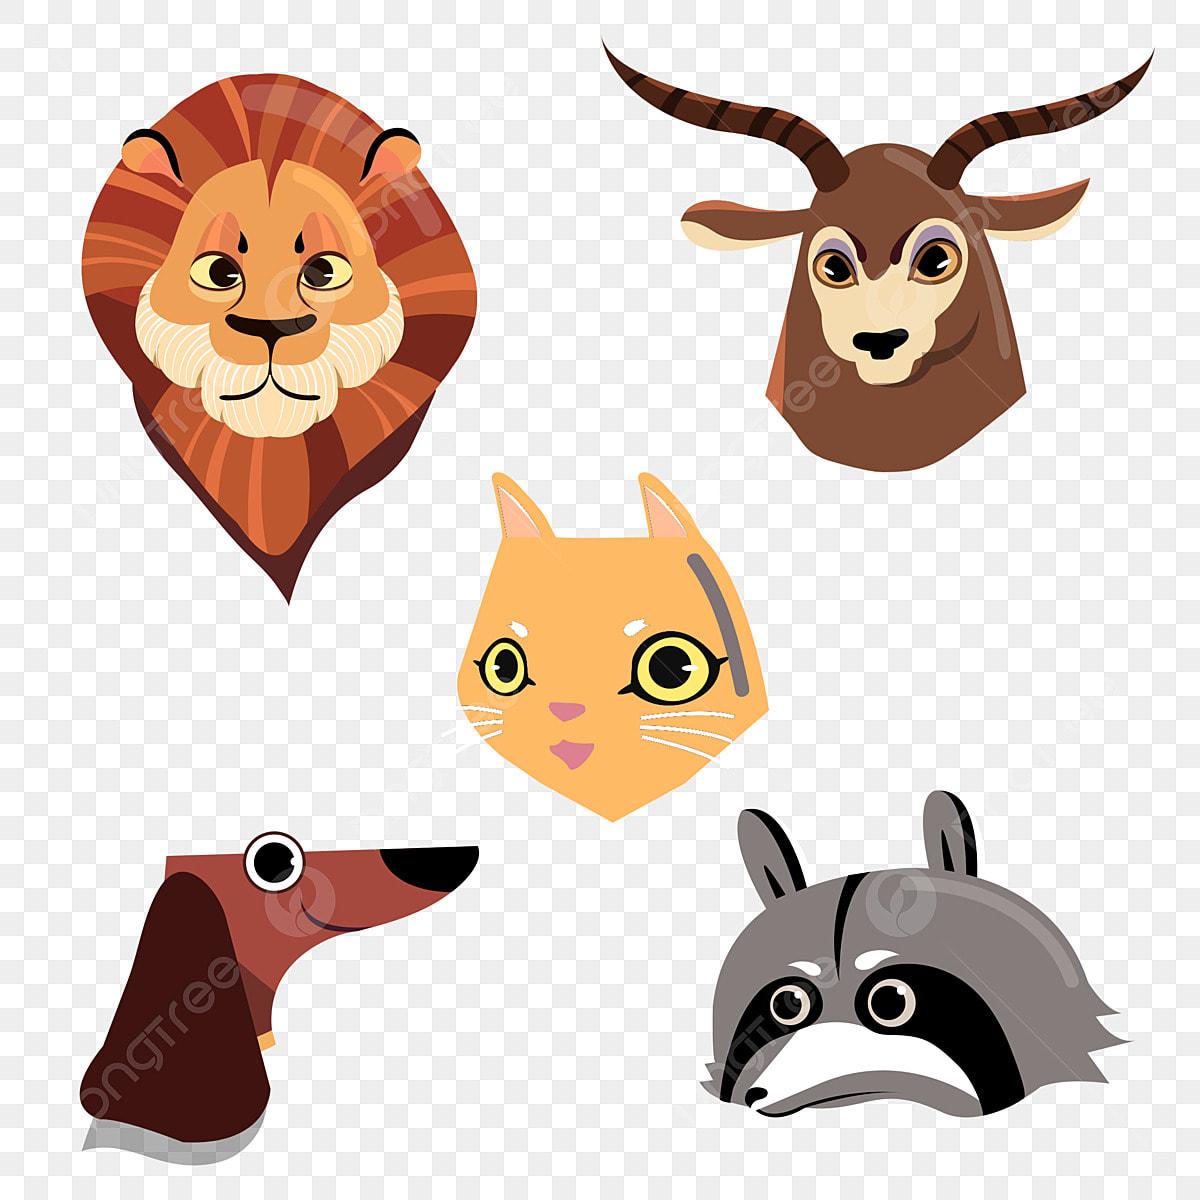 Animal De Mao Desenhada Dos Desenhos Animados Leao Antilope